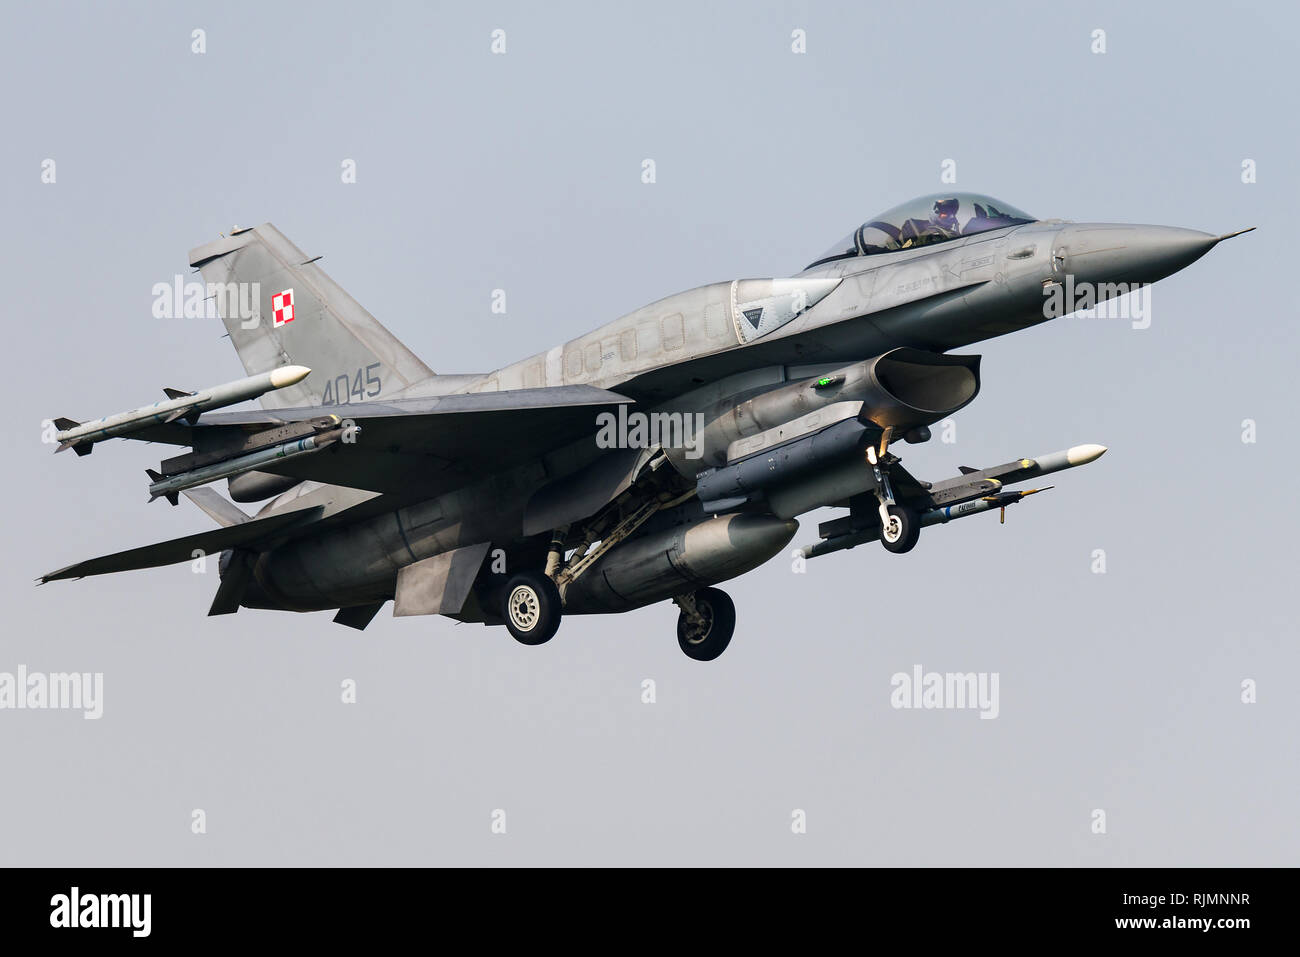 Un Lockheed Martin F-16D avion de chasse de l'Armée de l'Air polonaise. Banque D'Images